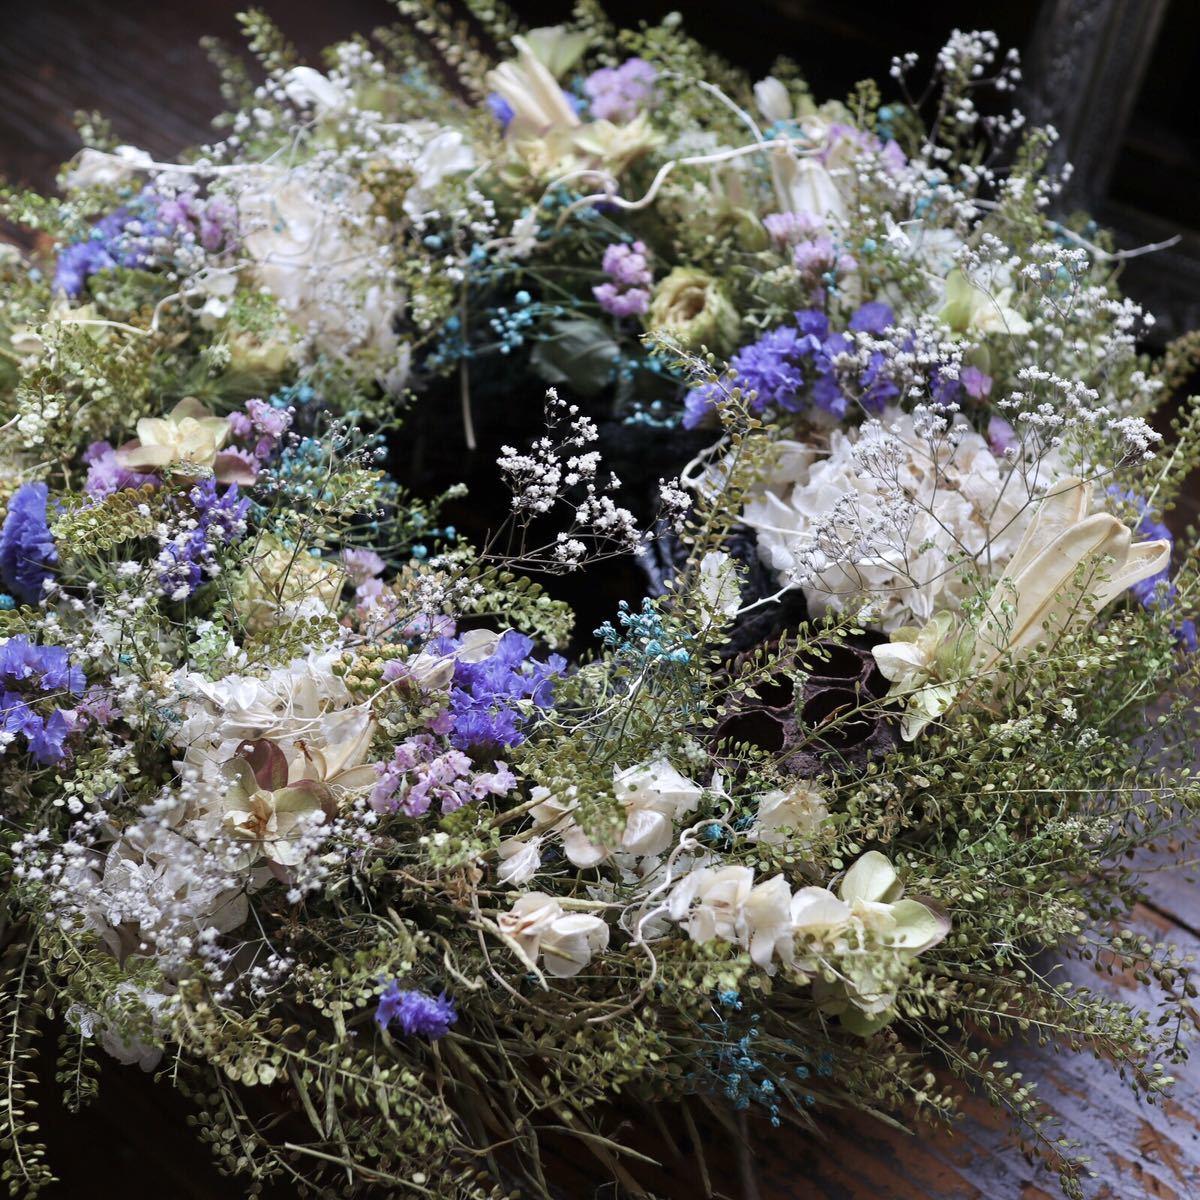 *kashun* L(38cm マメグンバイナズナとカラフルな小花のボリュームリース/ドライフラワー/プレゼント/新築祝い/開店祝い/誕生日プレゼント_画像6